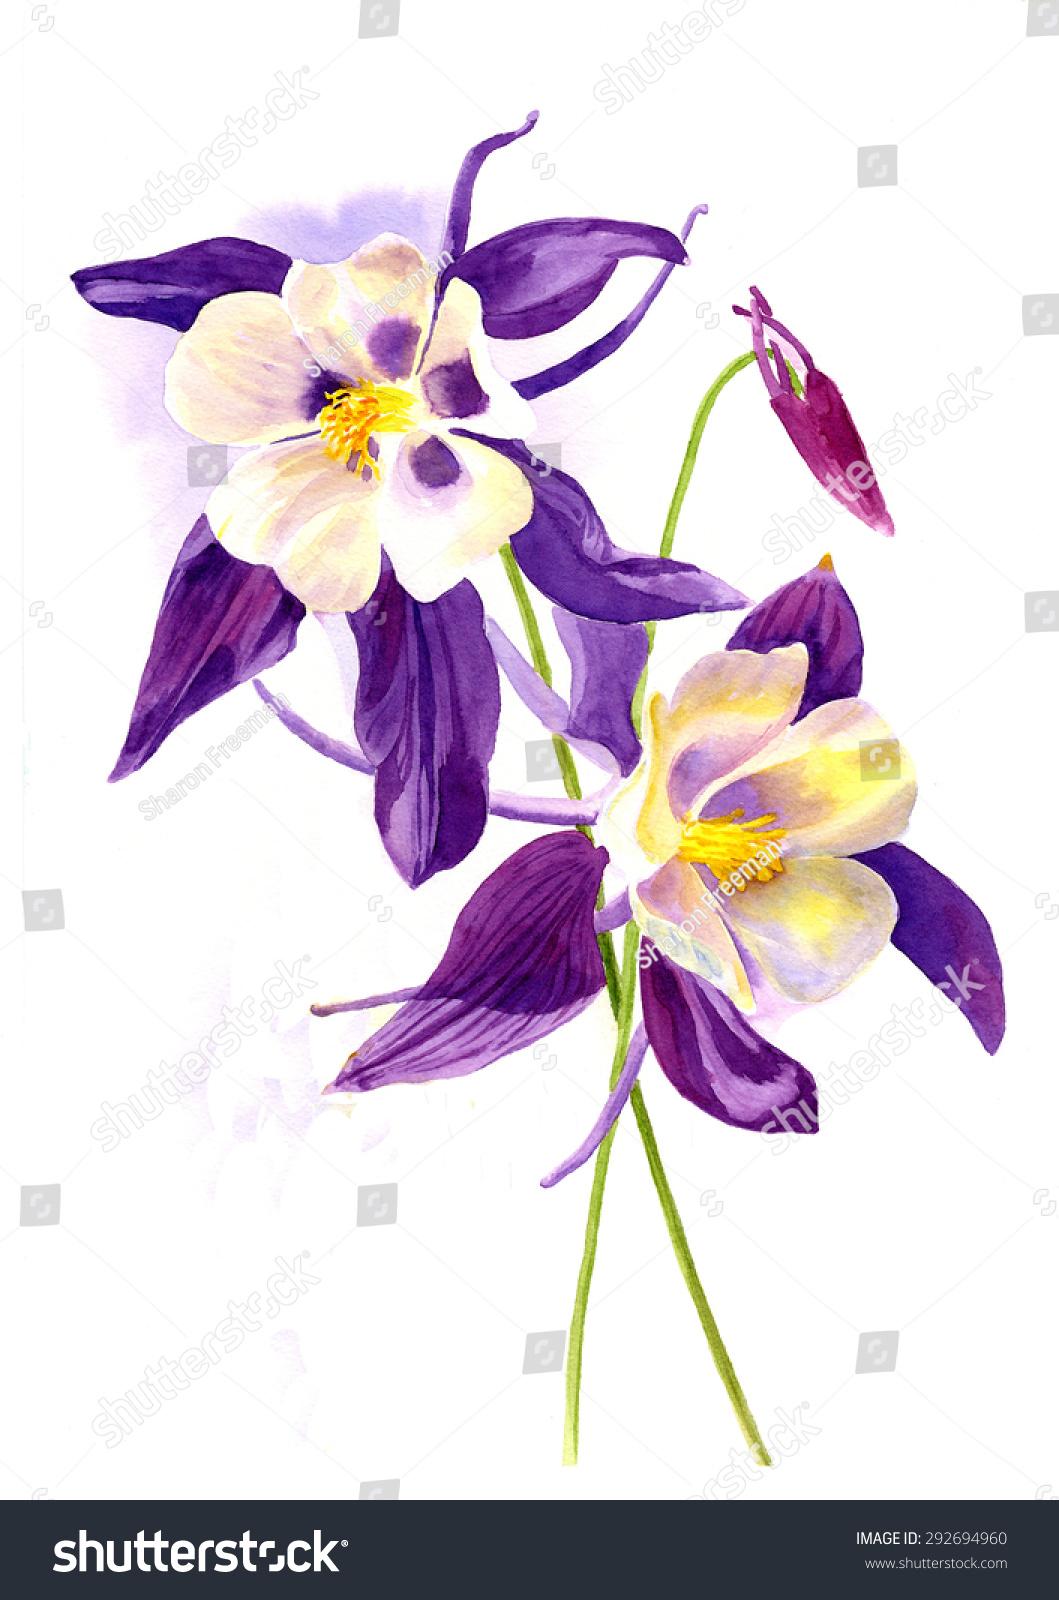 两个紫色耧斗菜的花.水彩画,手绘,插画风格的白色背景